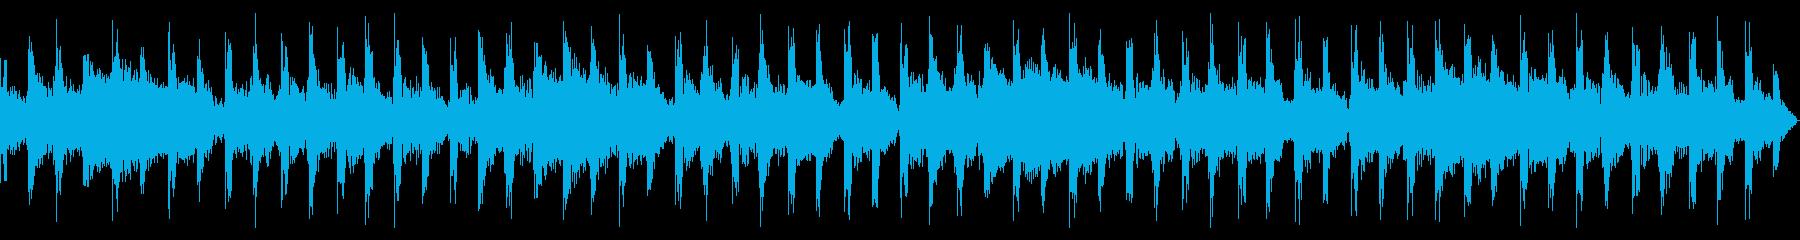 【ループ】レトロ/ゲーム/リザルトの再生済みの波形